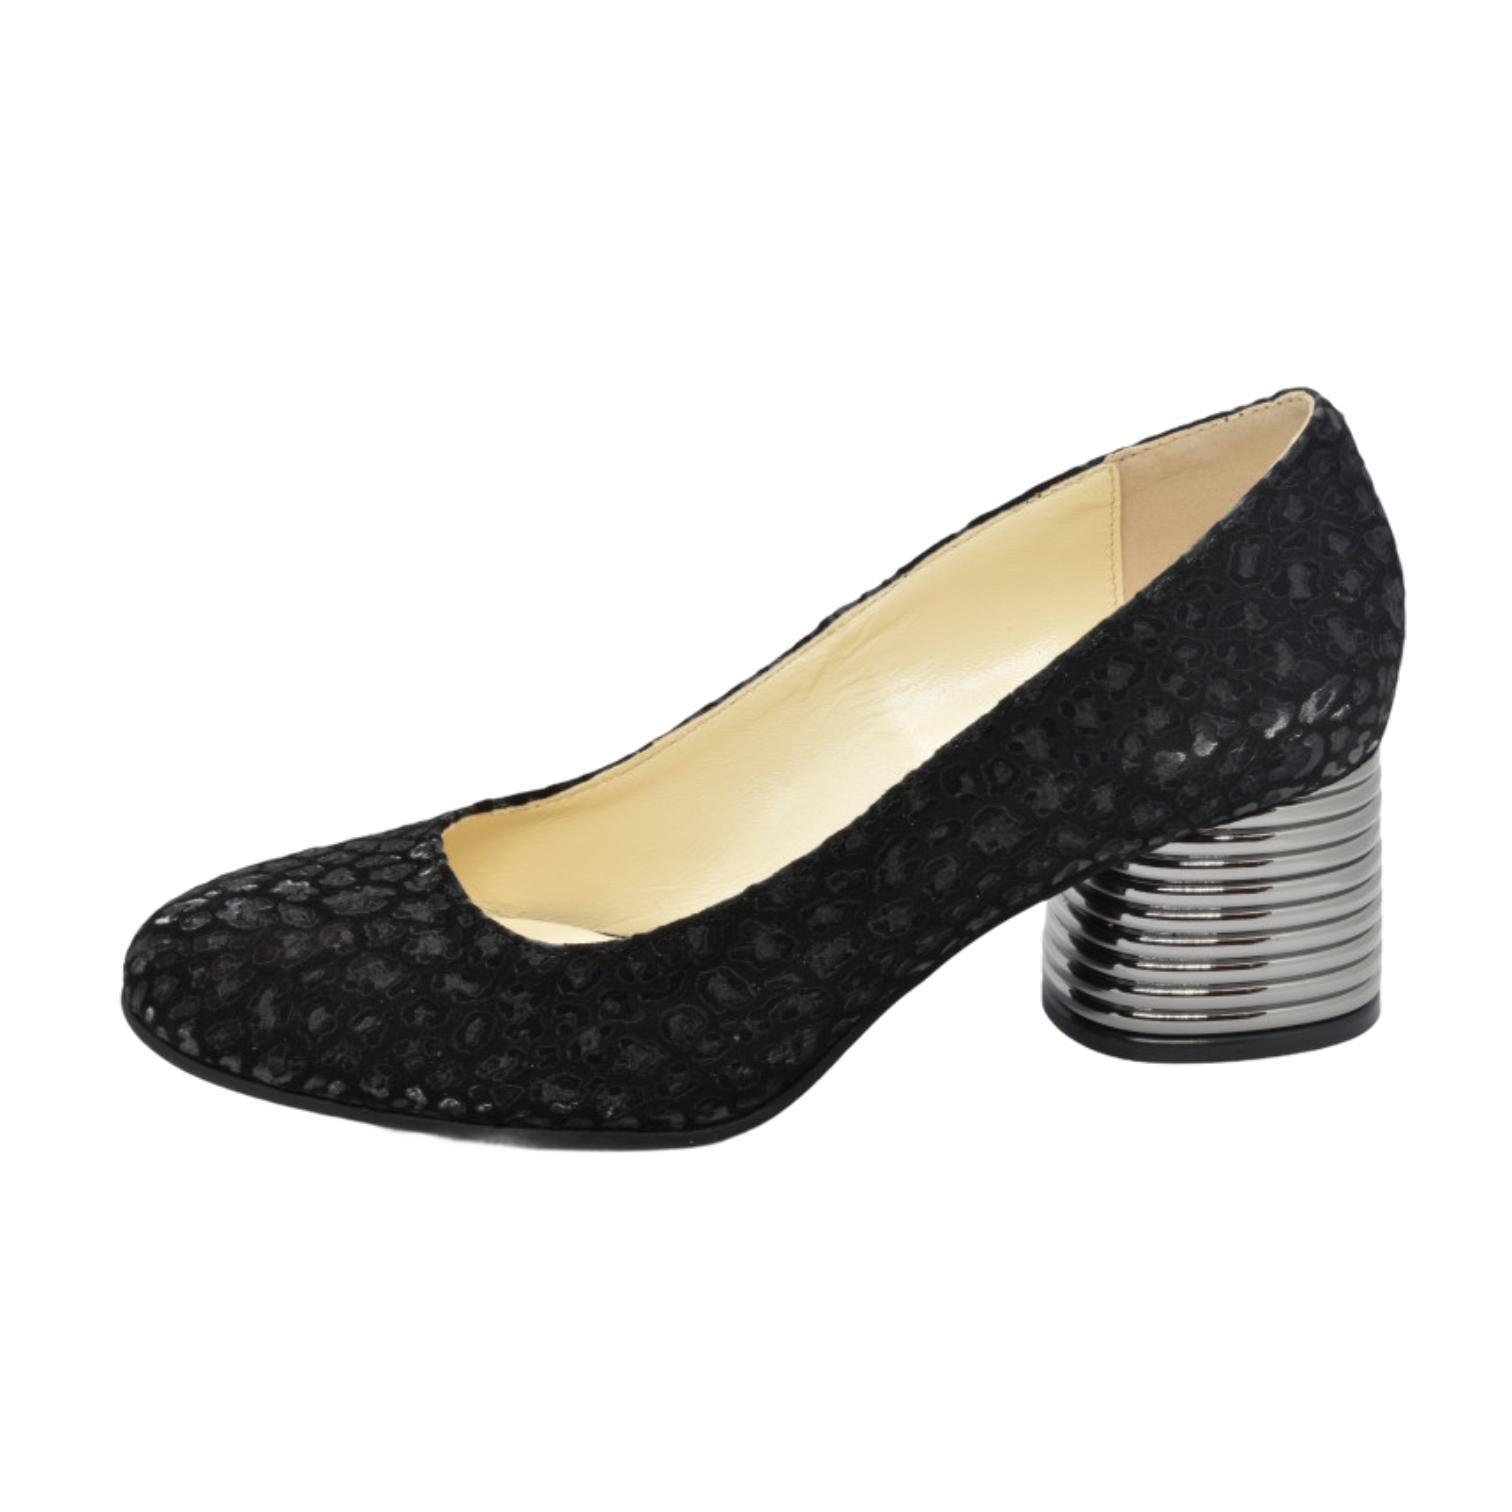 Pantofi negri cu imprimeu si toc argintiu